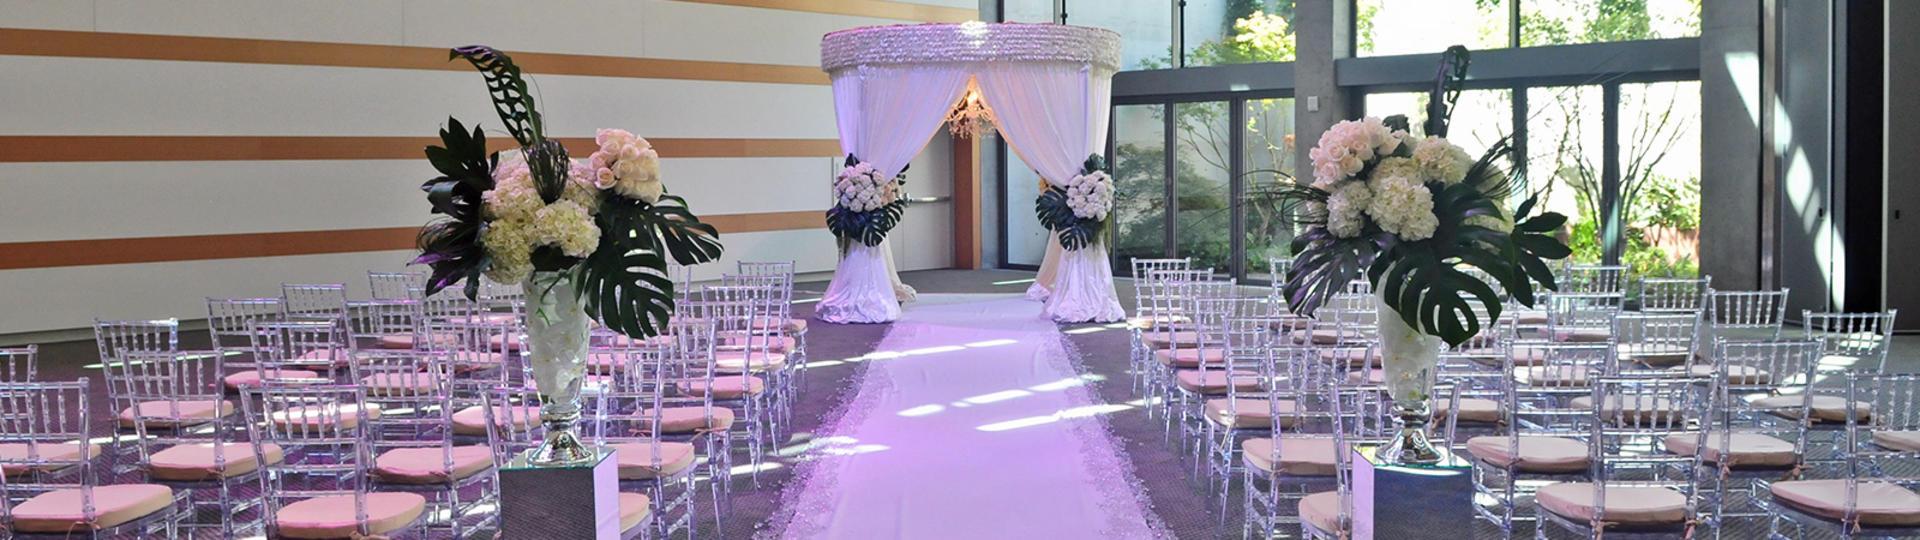 Plan an Event wedding